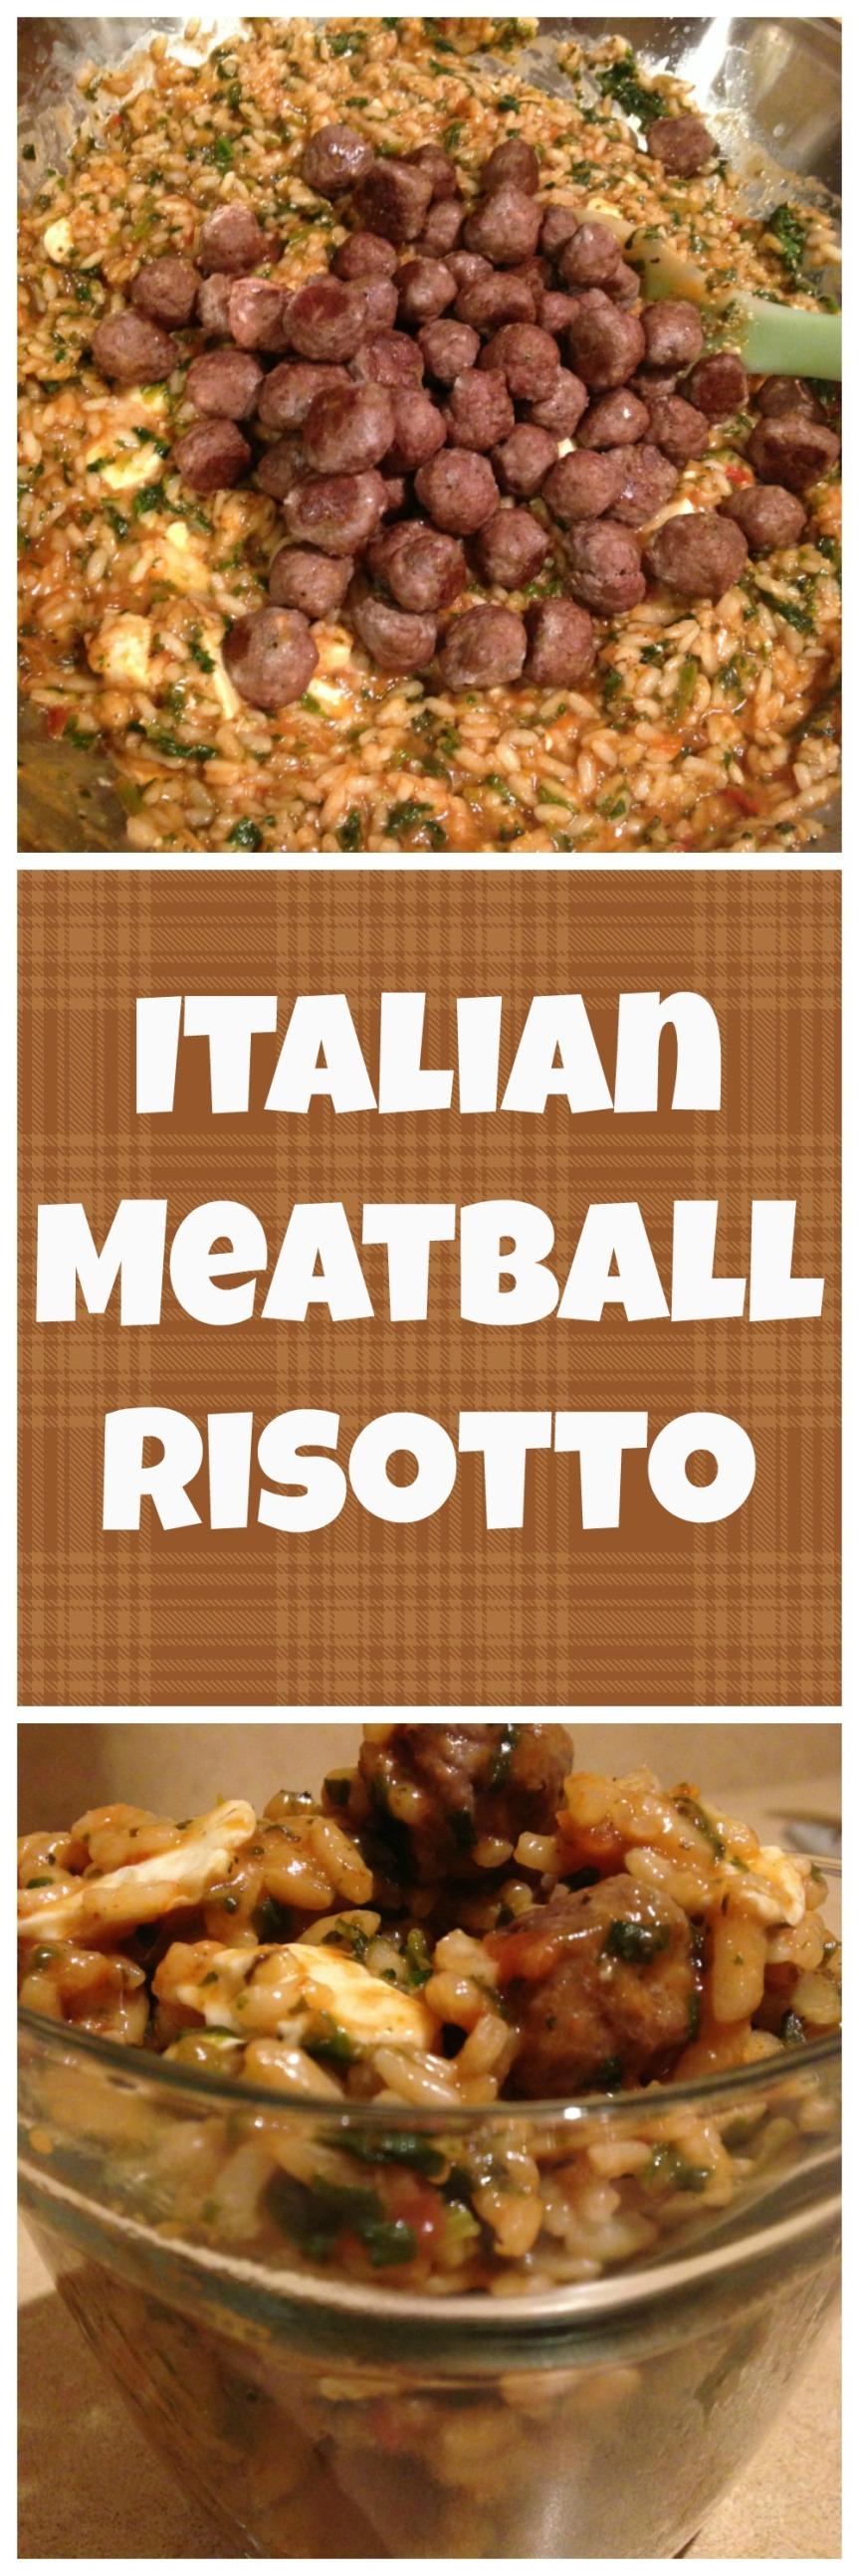 Italian Meatball Risotto